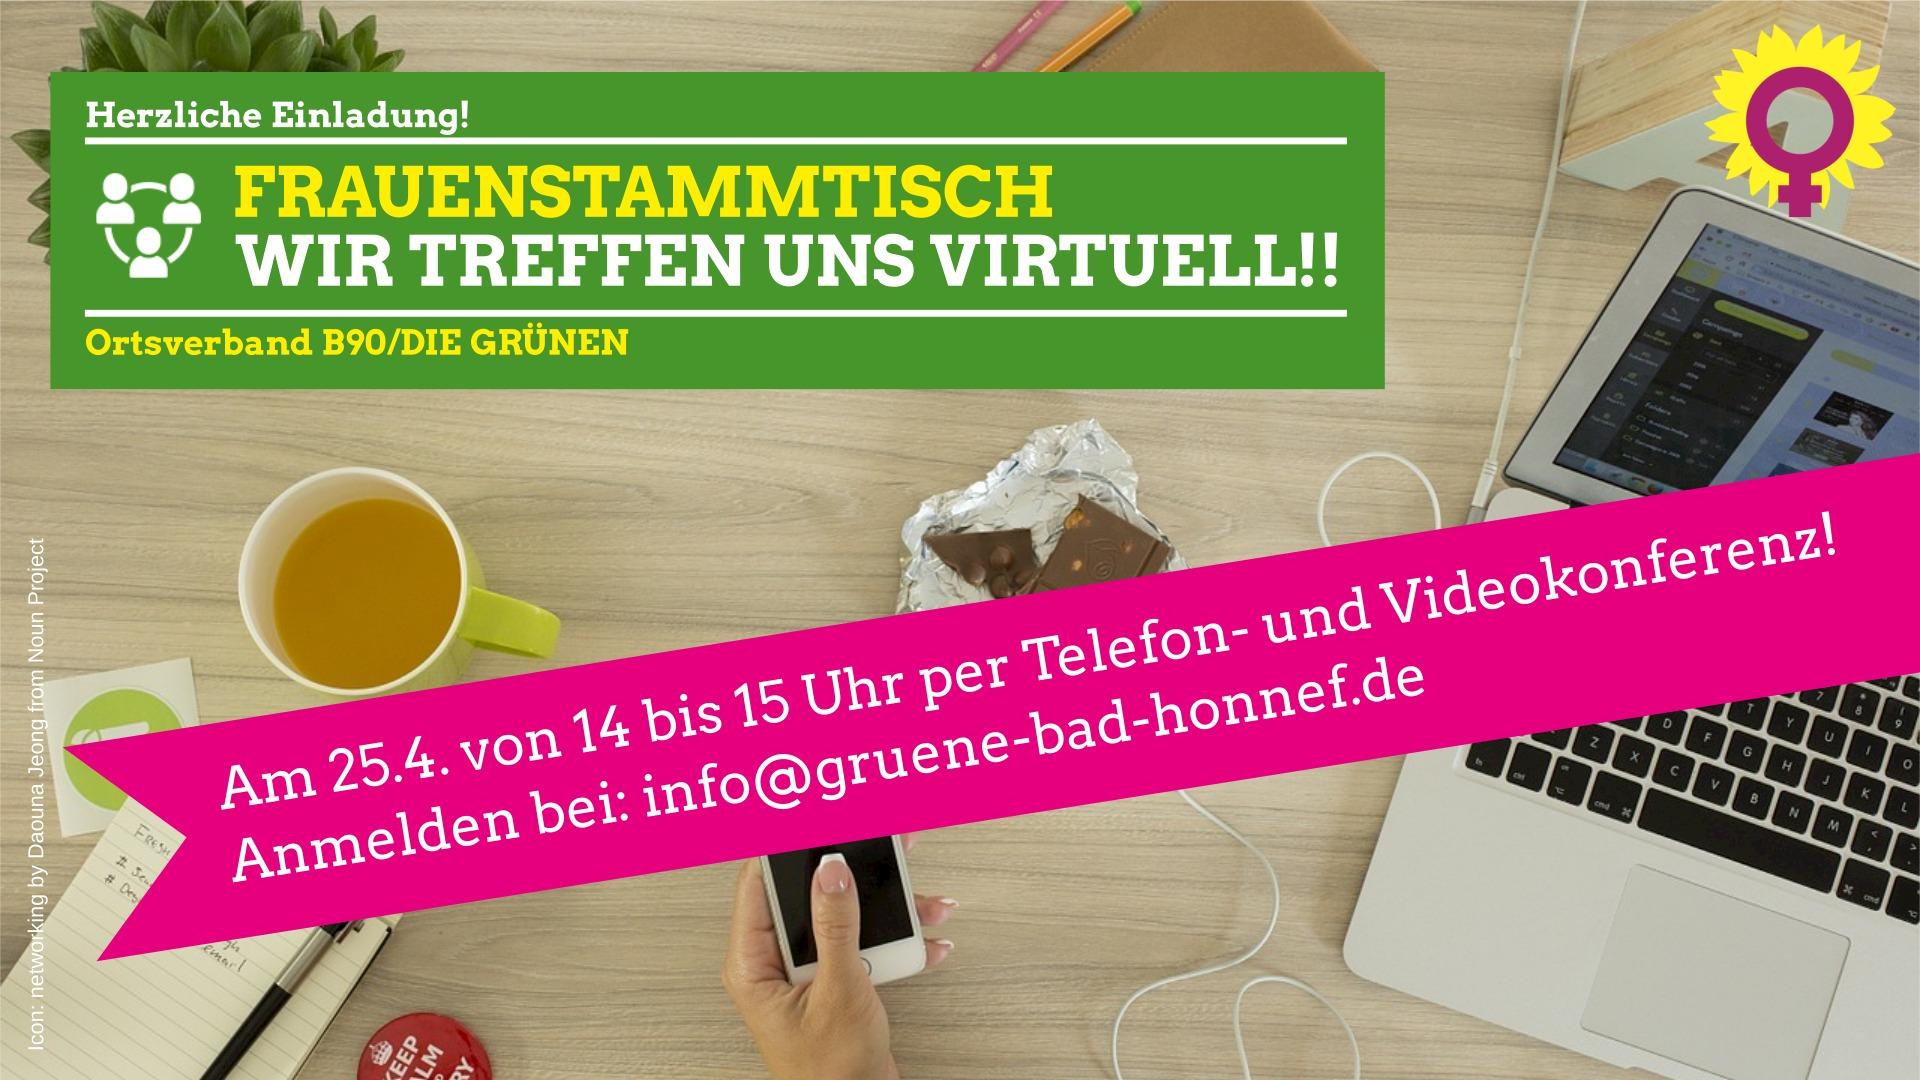 GRÜNER FRAUENSTAMMTISCH trifft sich virtuell / 25.04. , 14 – 15 Uhr